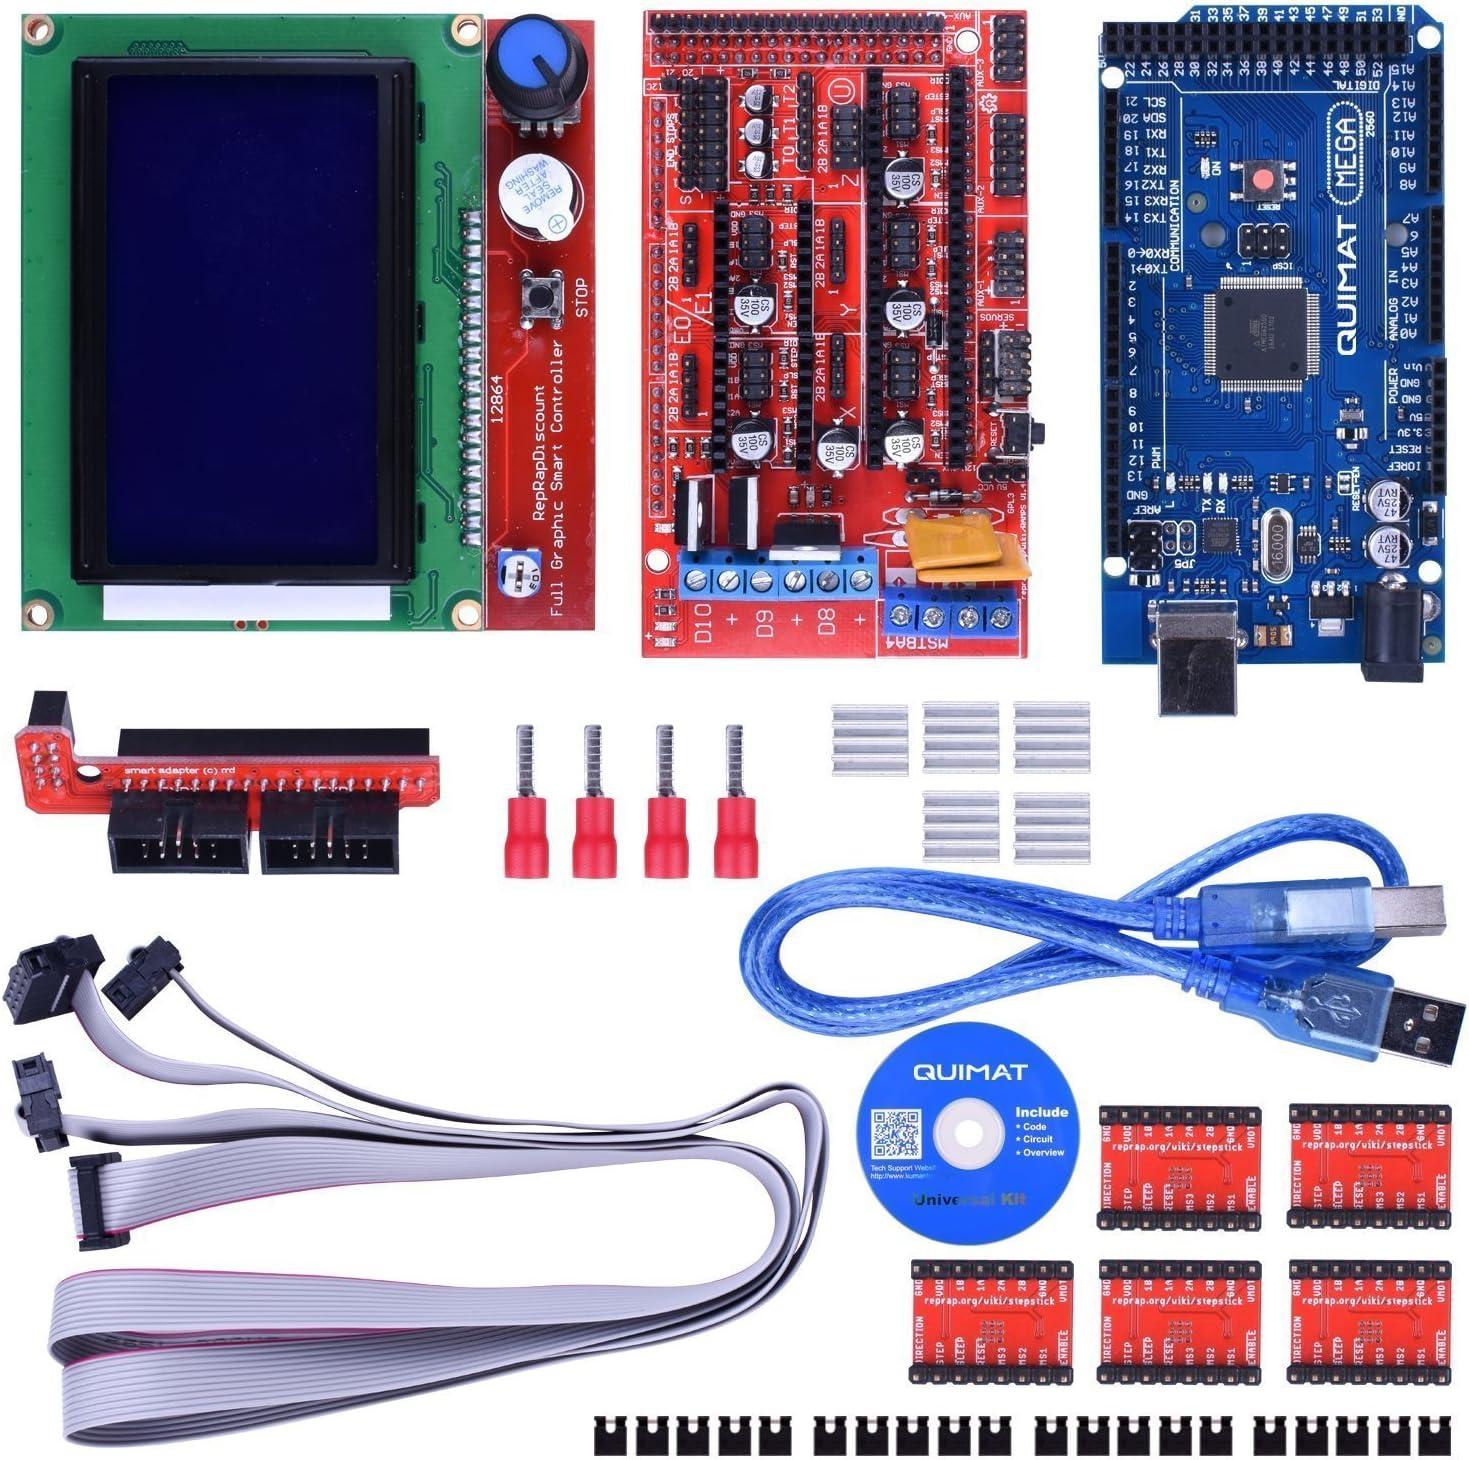 Kit de Impresora 3D para Arduino/Mega 2560 + RAMPS 1.4 + A4988 + ...